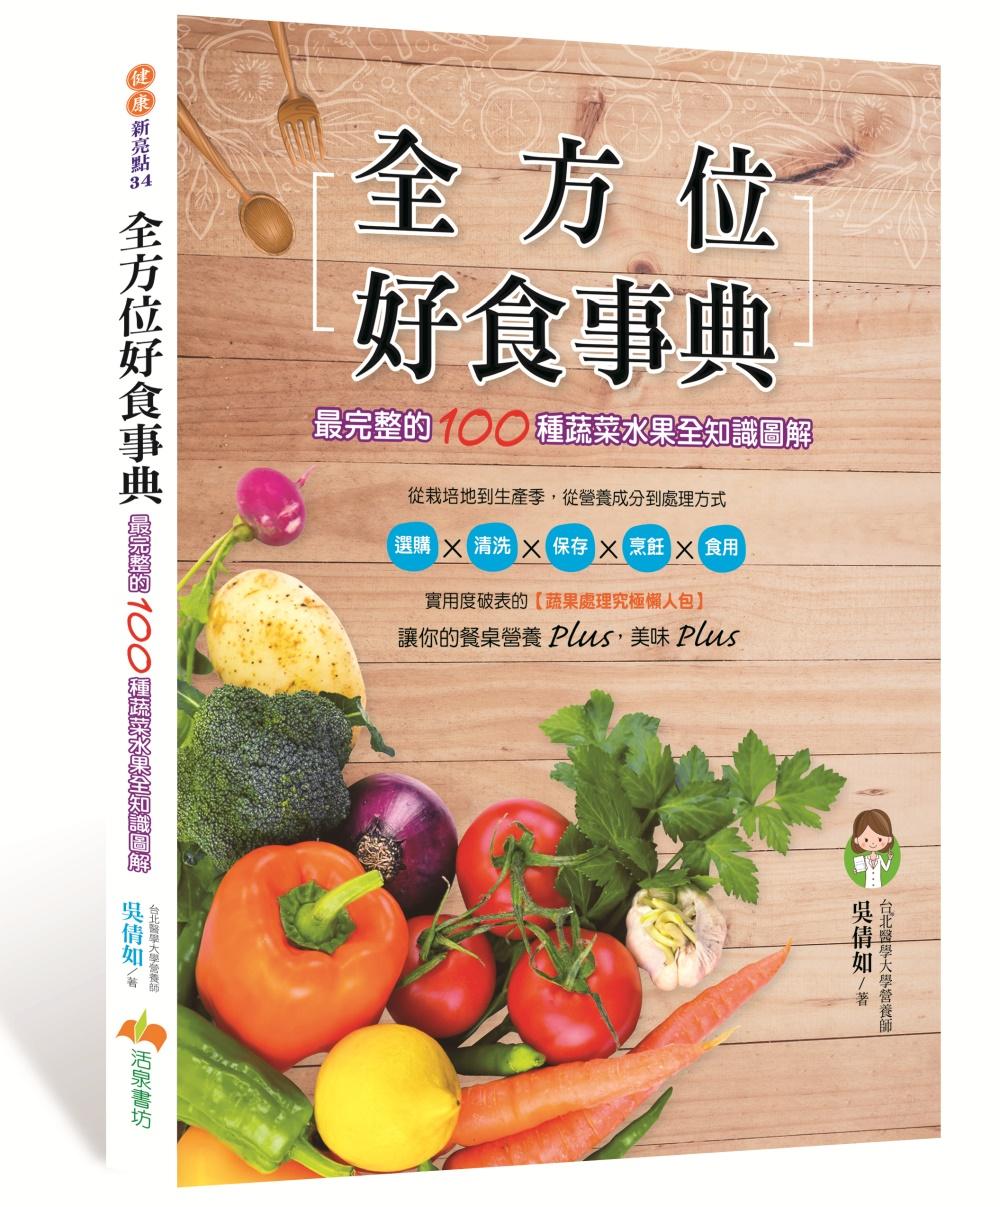 ◤博客來BOOKS◢ 暢銷書榜《推薦》全方位好食事典:最完整的100種蔬菜水果全知識圖解